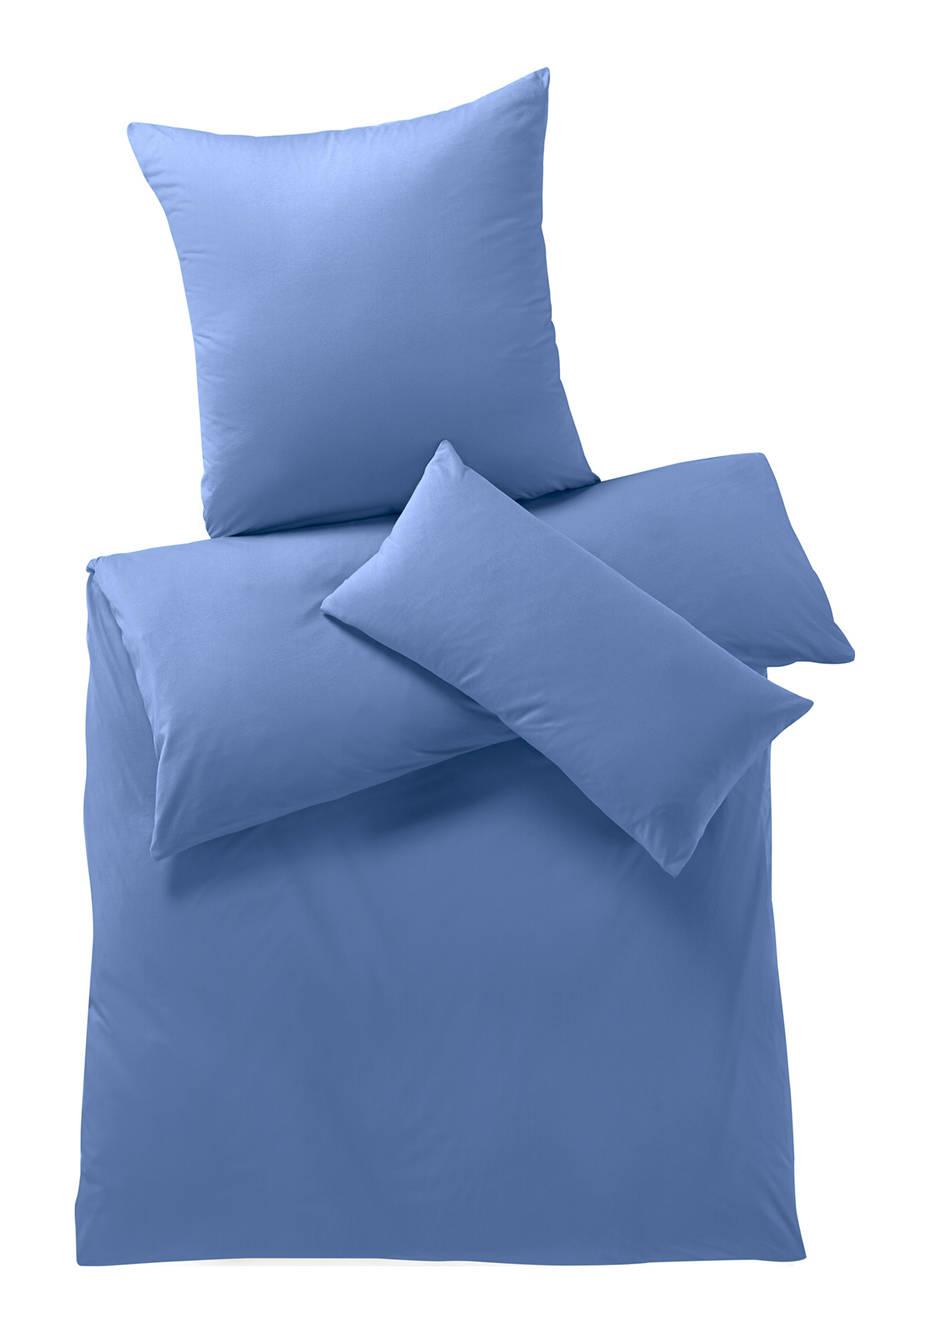 jersey bettw sche aus reiner bio baumwolle hessnatur deutschland. Black Bedroom Furniture Sets. Home Design Ideas